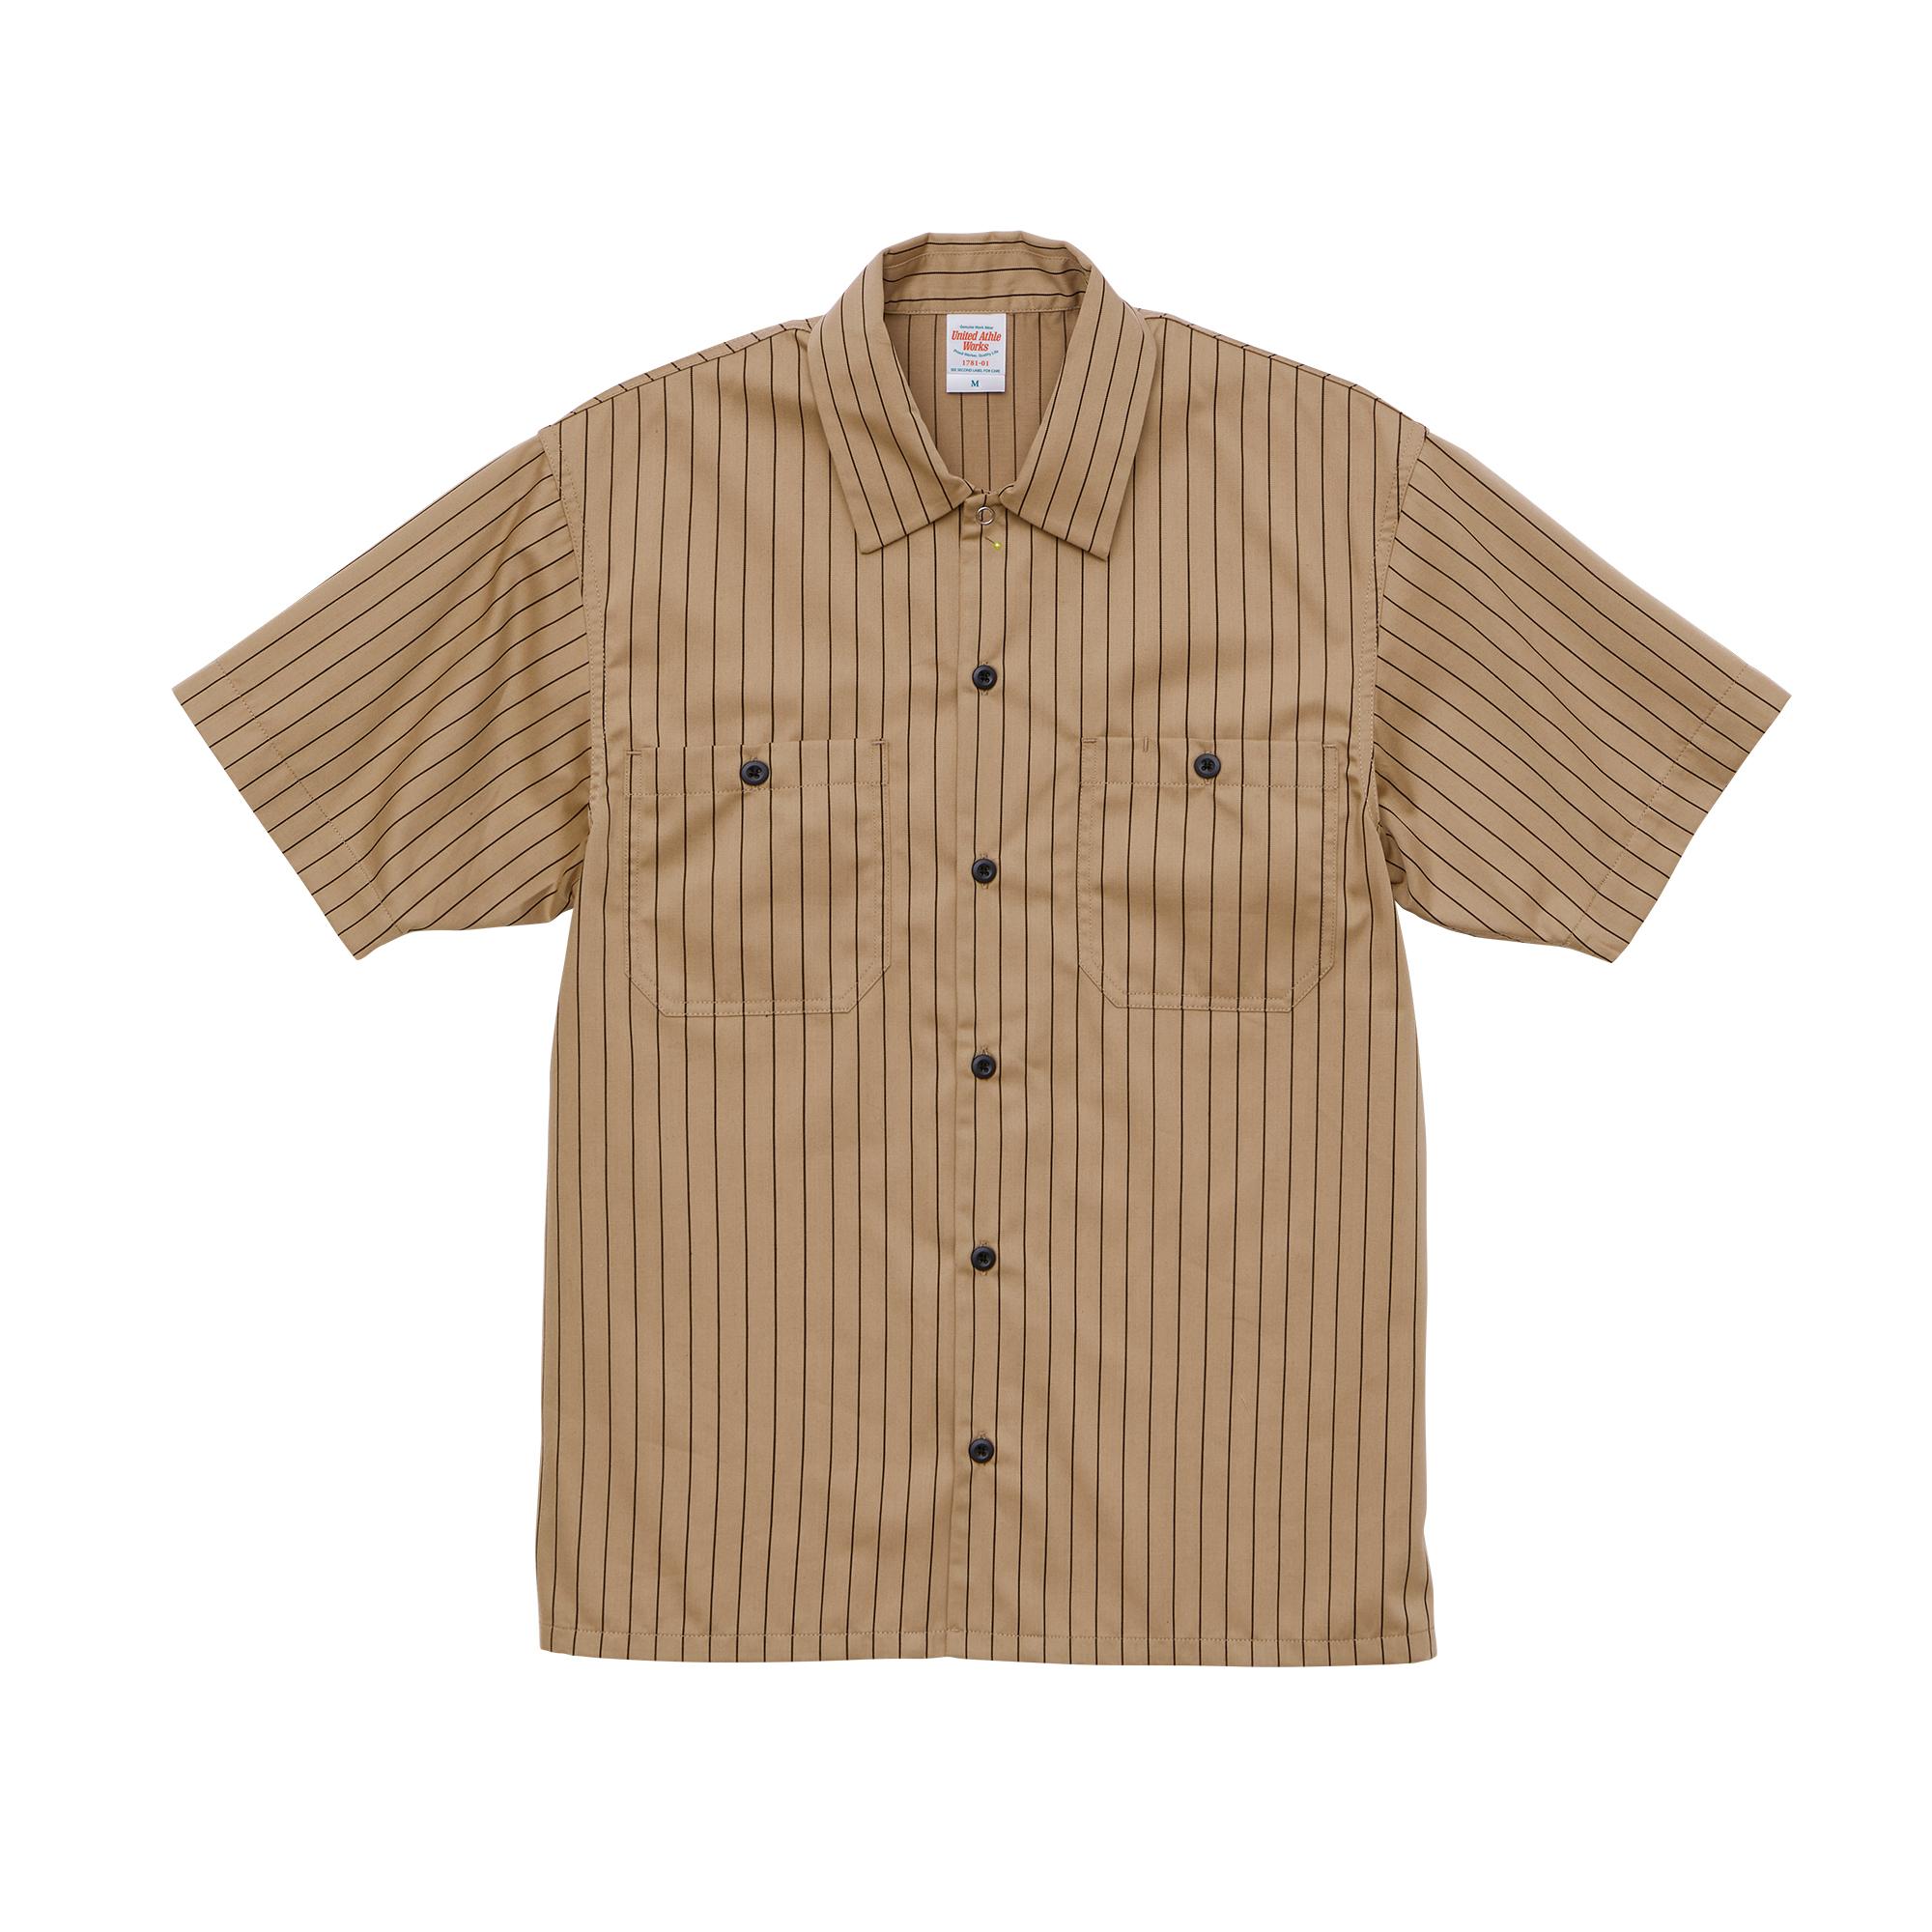 T/Cストライプワークシャツ